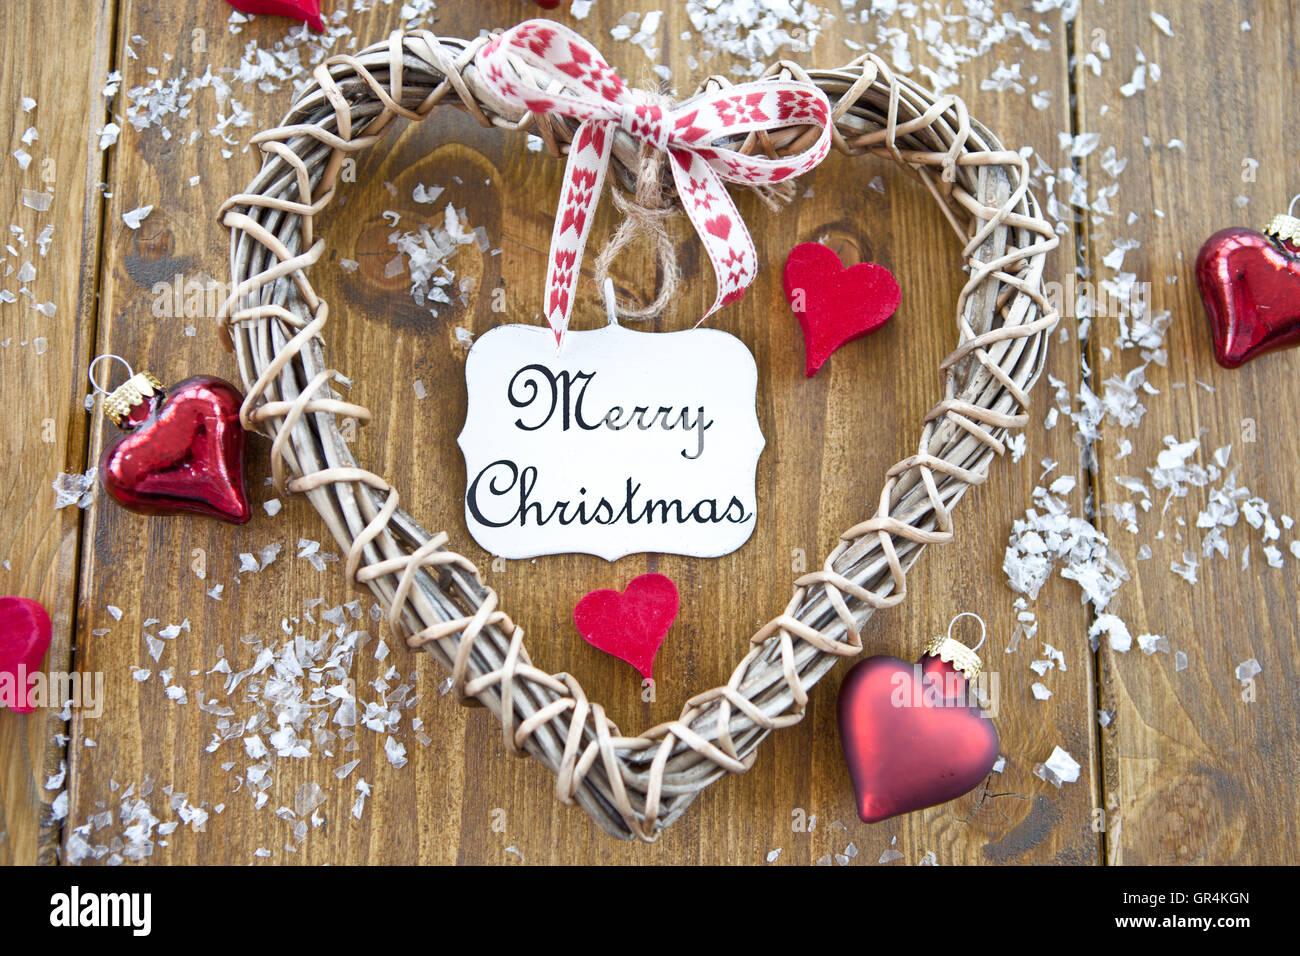 Frohe Weihnachten Herz.Herz Aus Holz Mit Einem Vintage Teller Mit Frohe Weihnachten Darauf